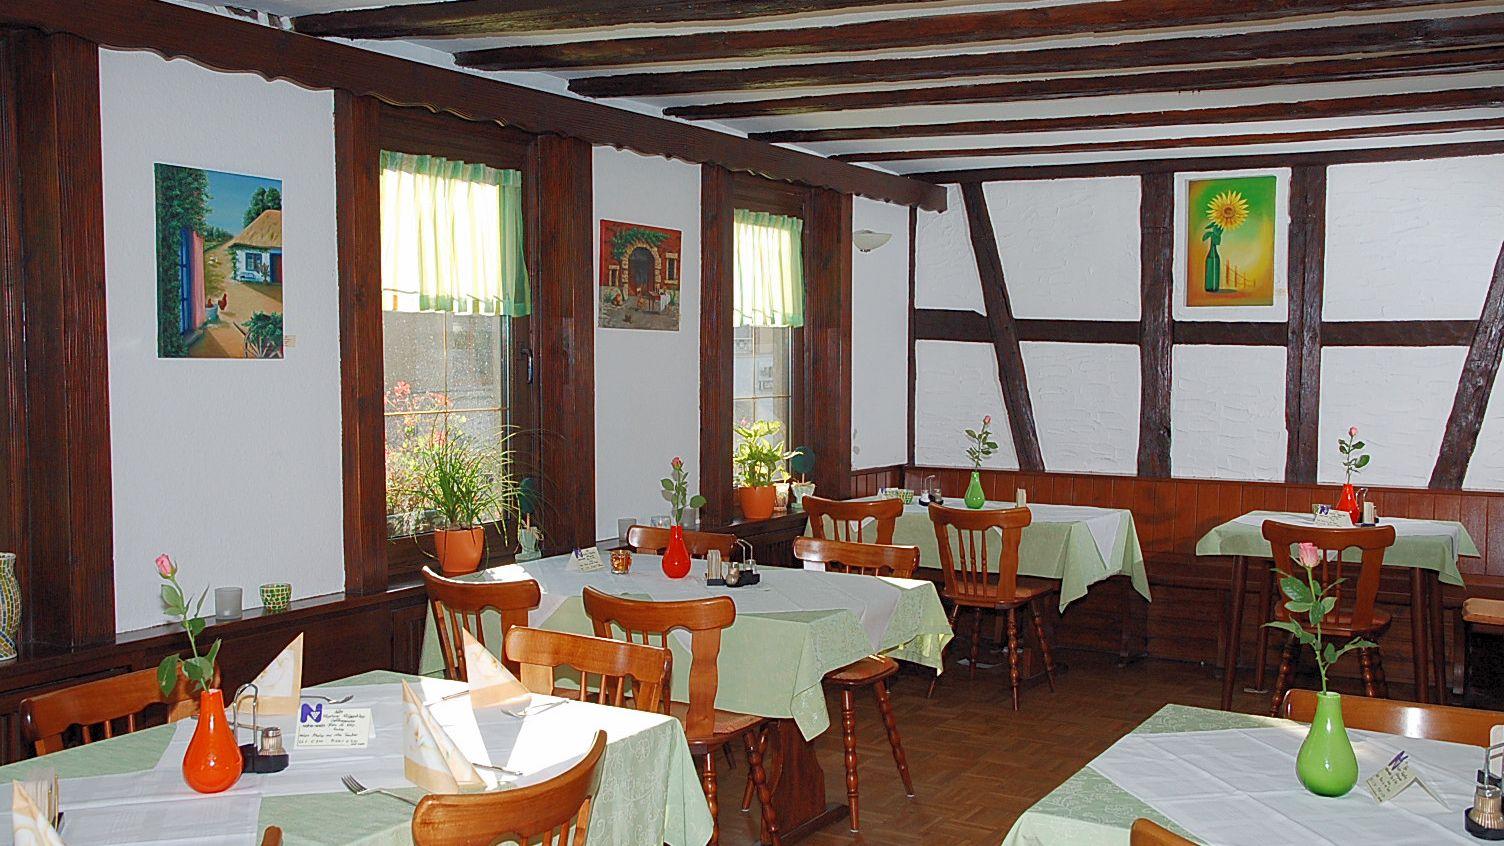 Restaurant mit deutscher kuche simple restaurant mit for Kuche co berlin mitte